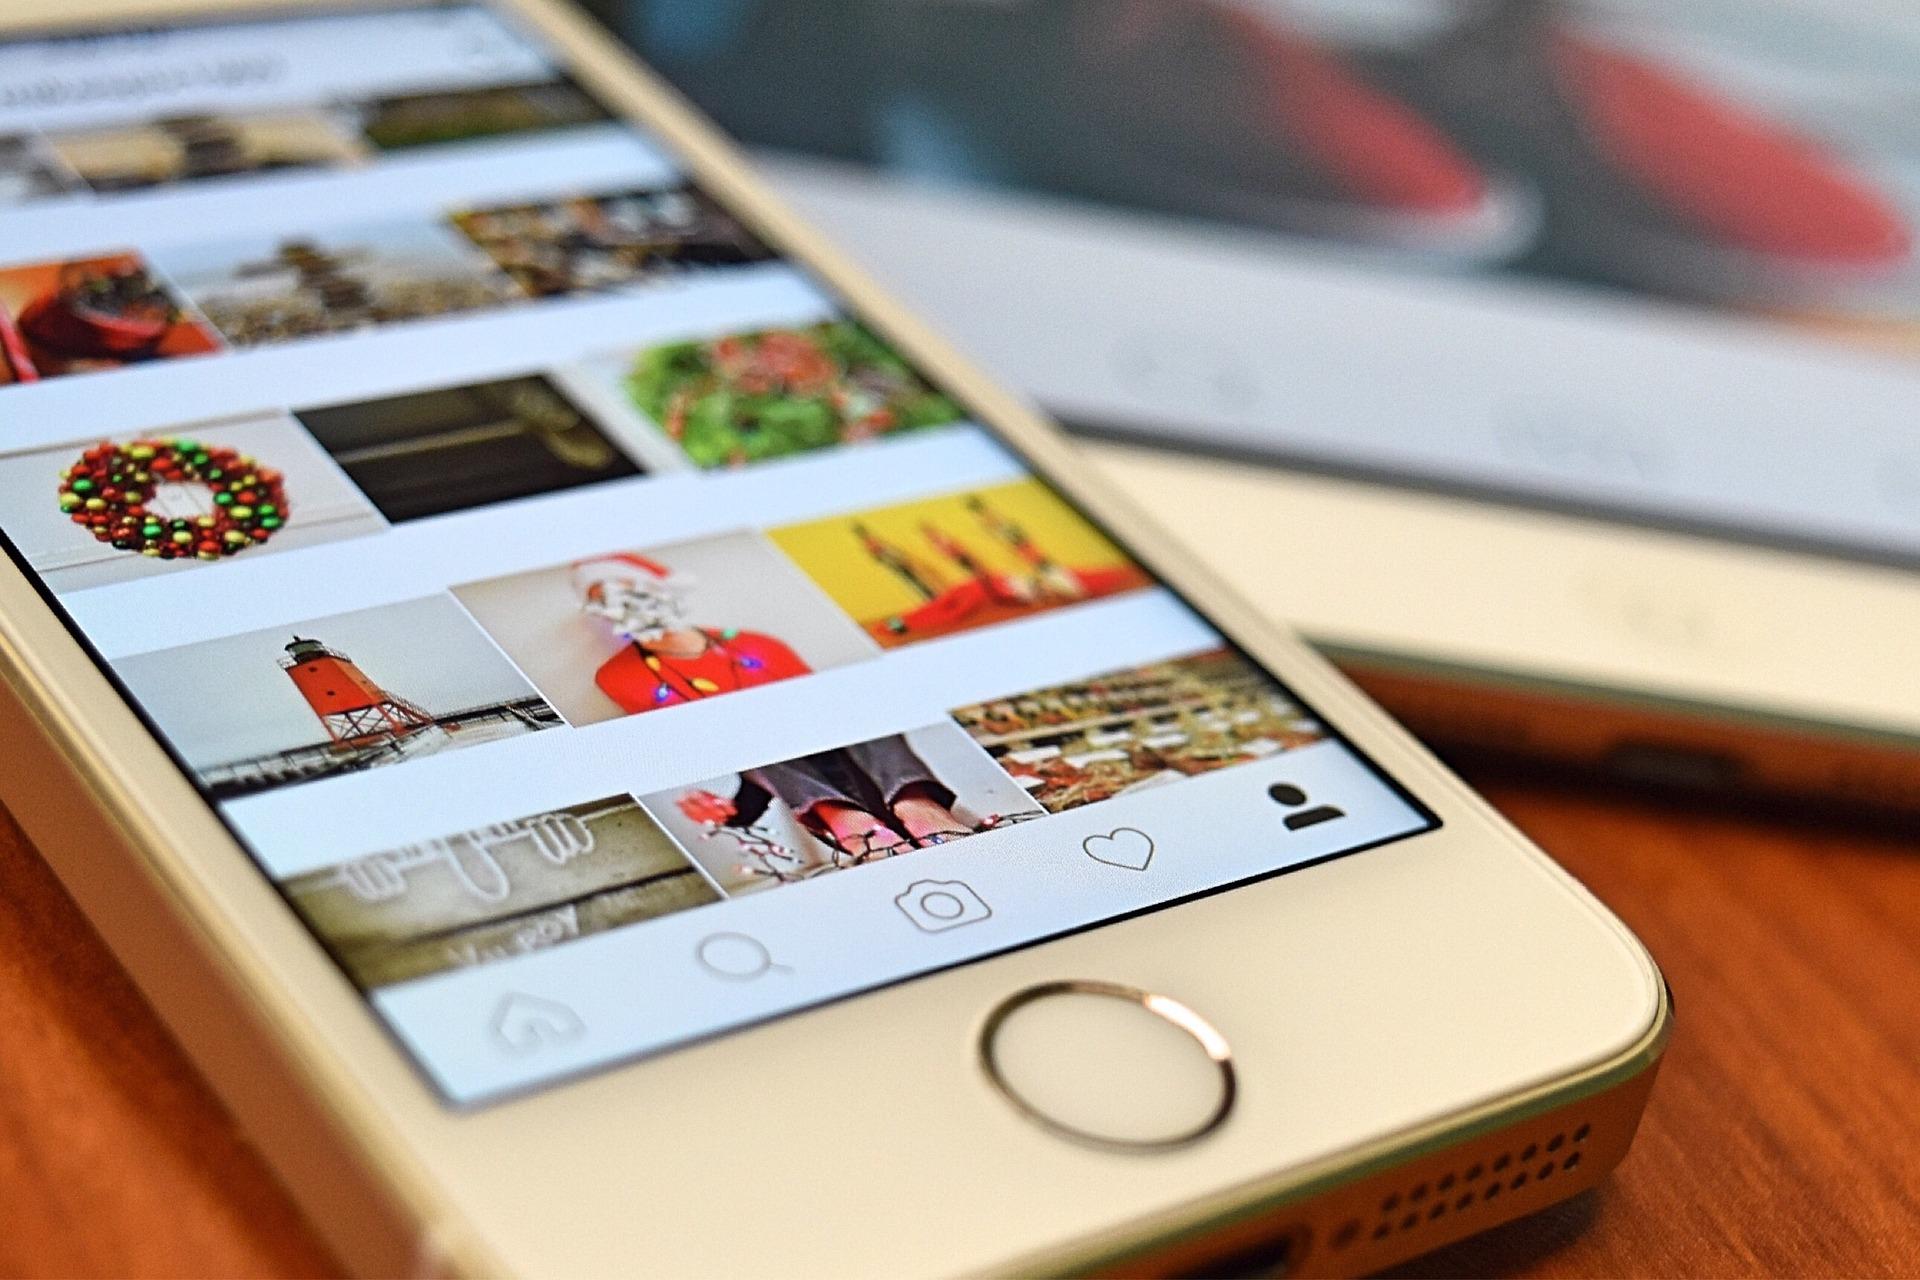 Consulta las estadísticas de Instagram para descubrir y vigilar a los influencers